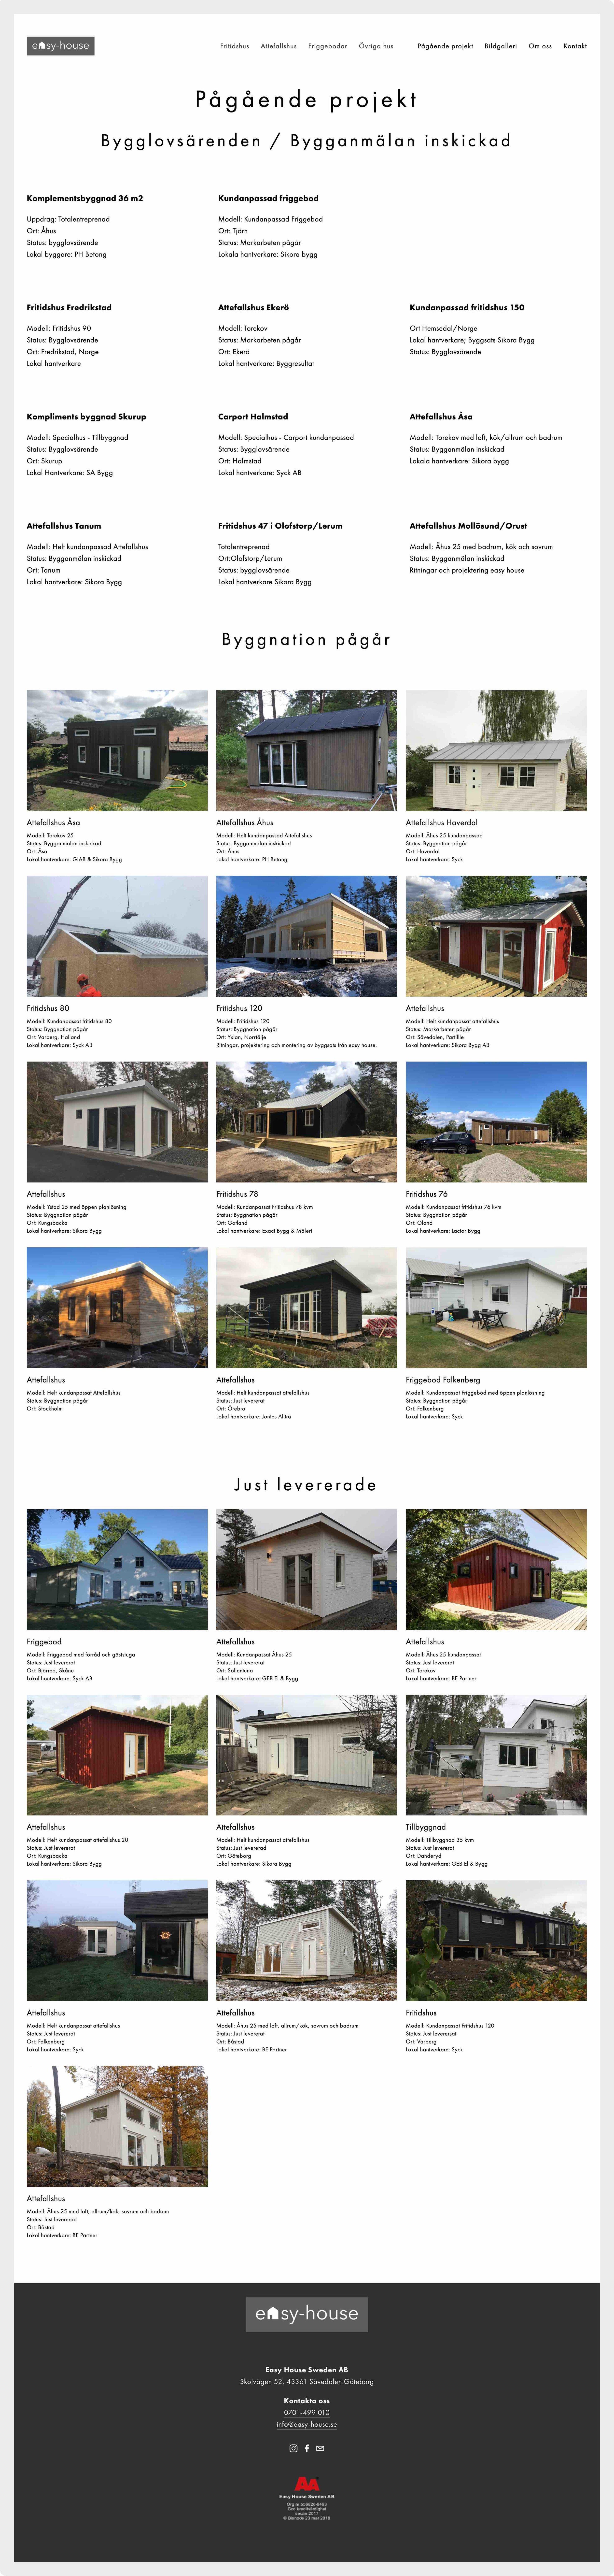 framtidens-webbyrå-uppdrag-easy-house-pågående-projekt.jpg